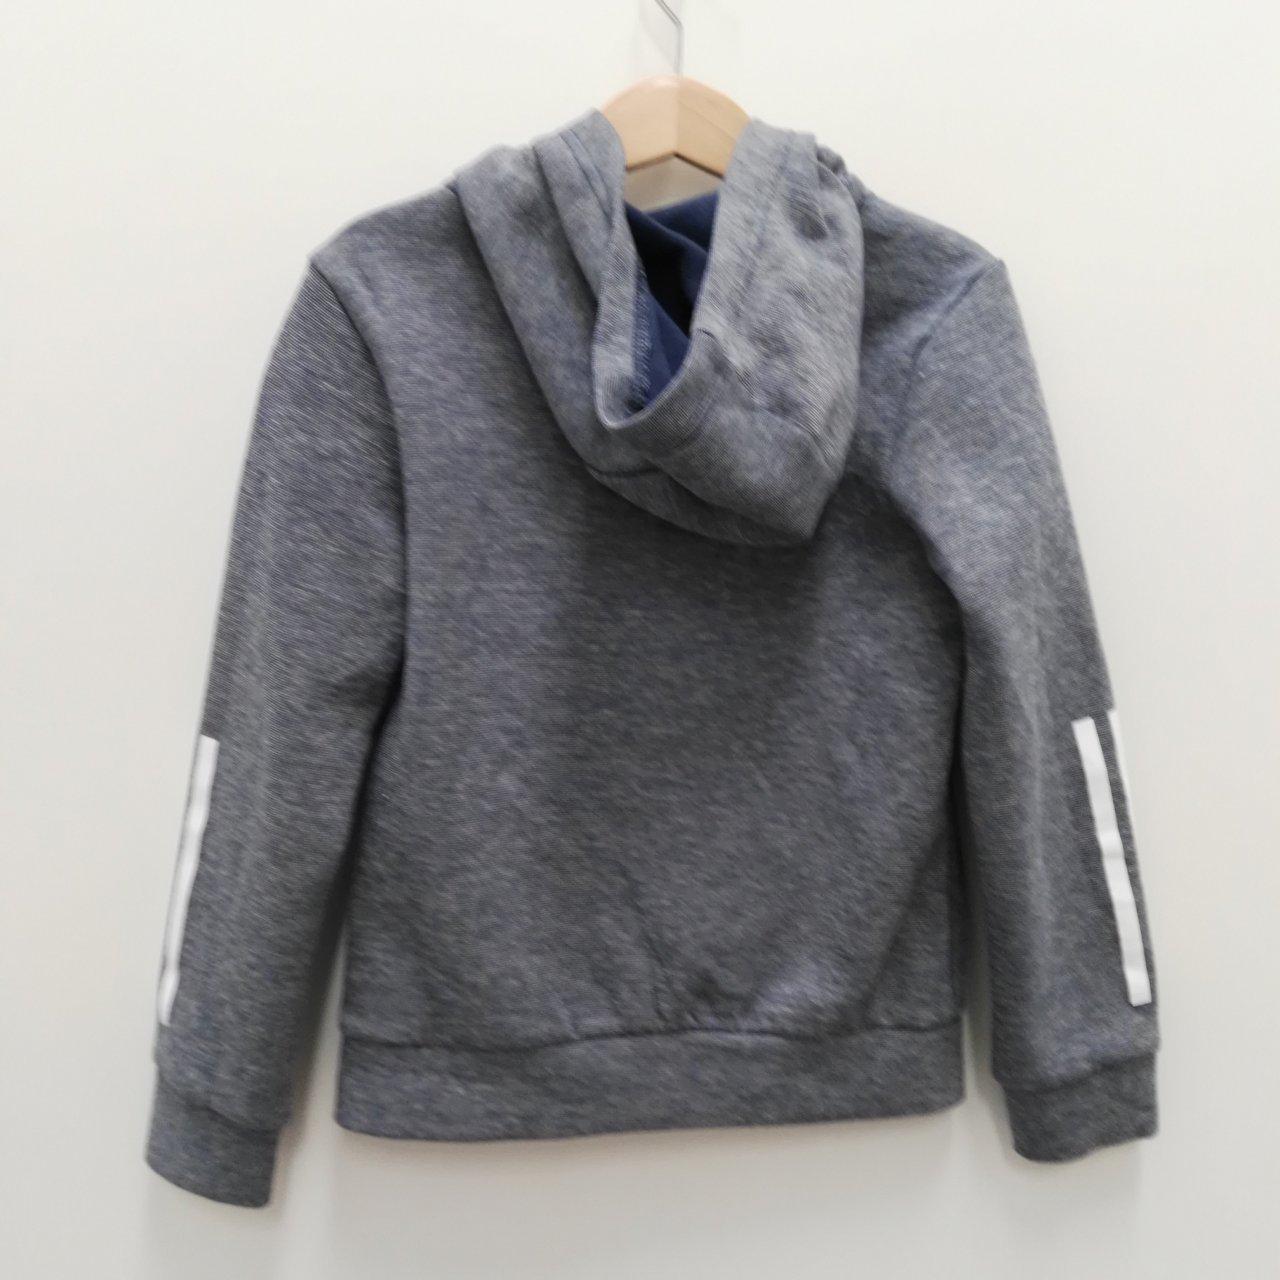 ADIDAS Kids Zip Up Hoodie Size 7-8 Years - Blue Jacket